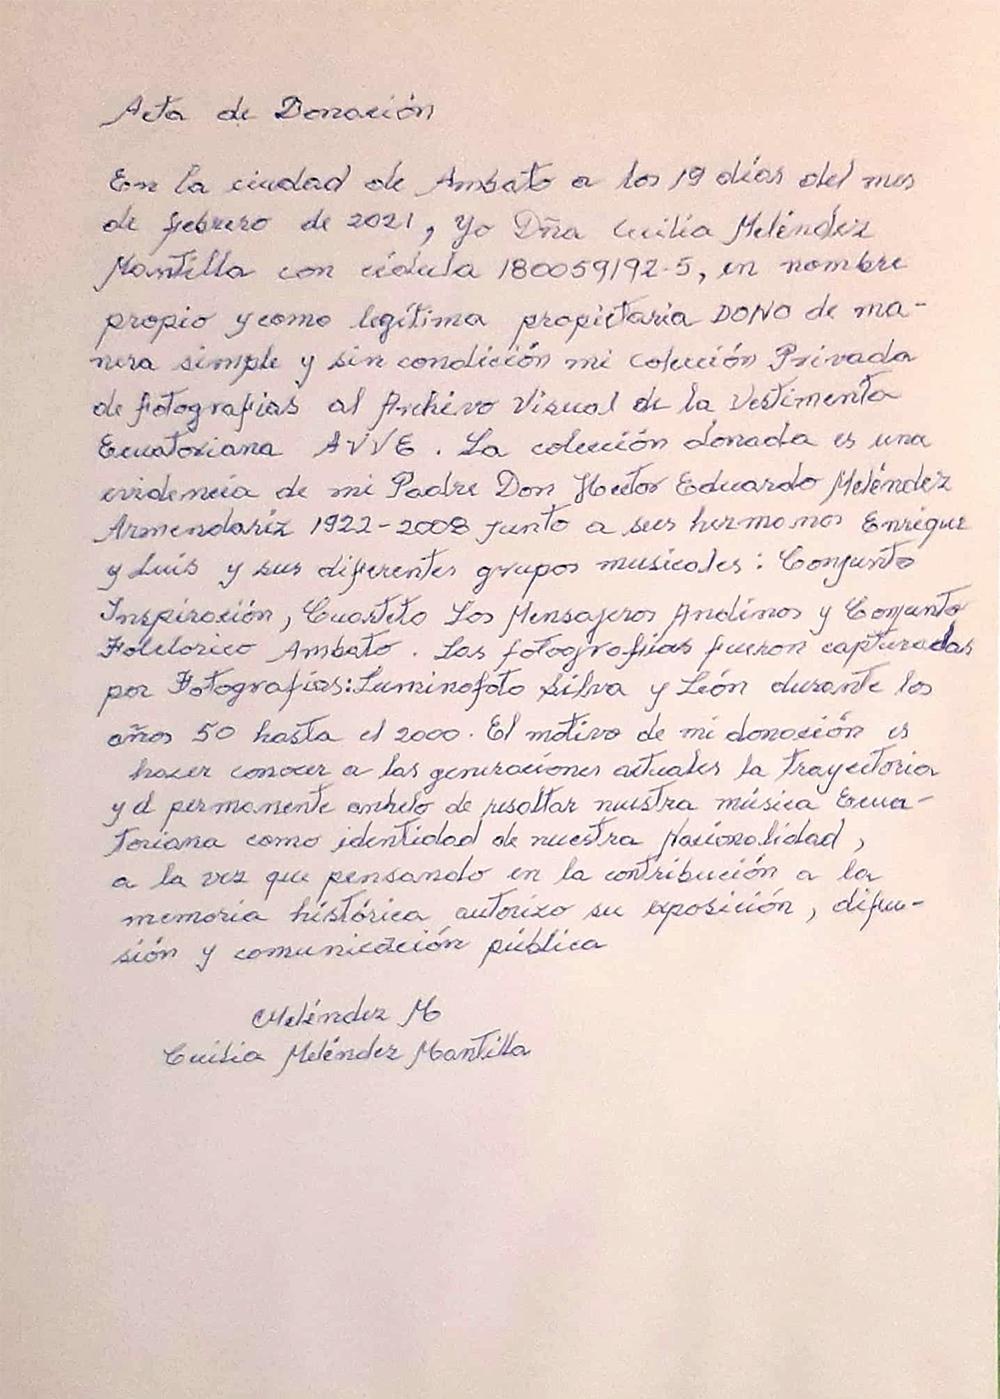 Héctor Meléndez